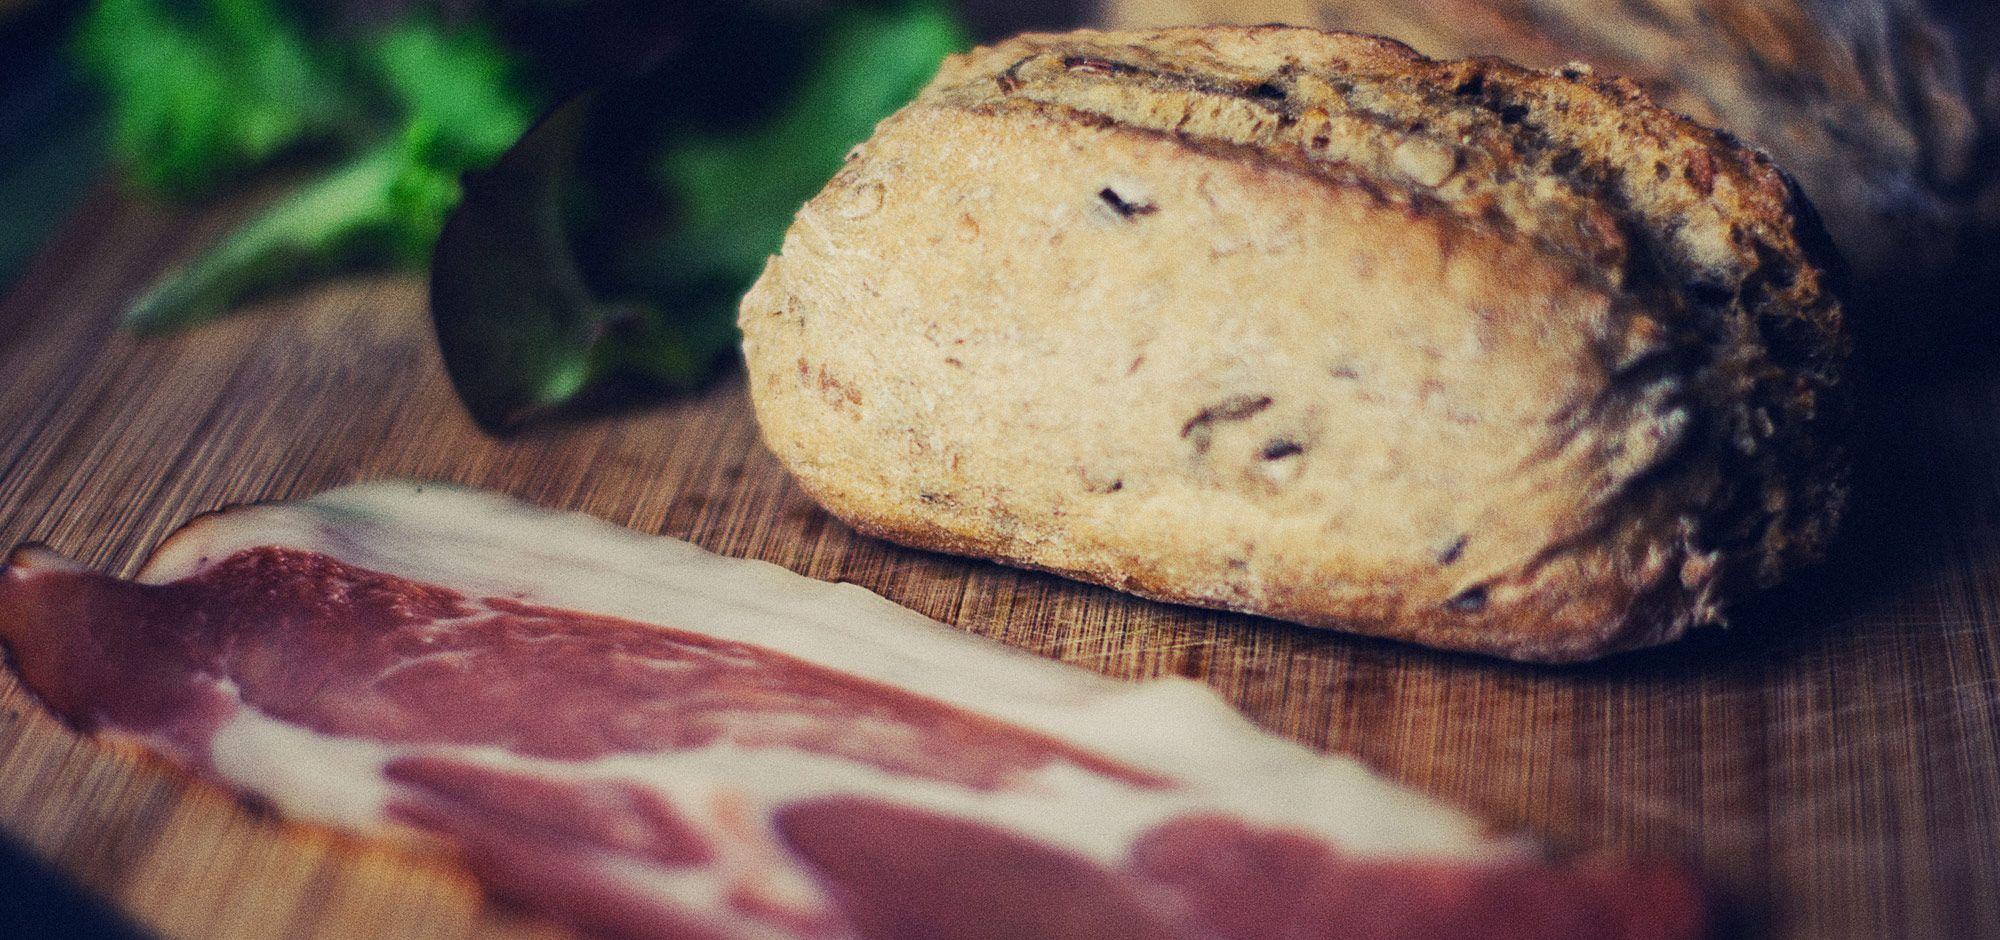 it:Cibo sano|fr:Nourriture saine|en:Food healthy|de:Gesunde Lebensmittel